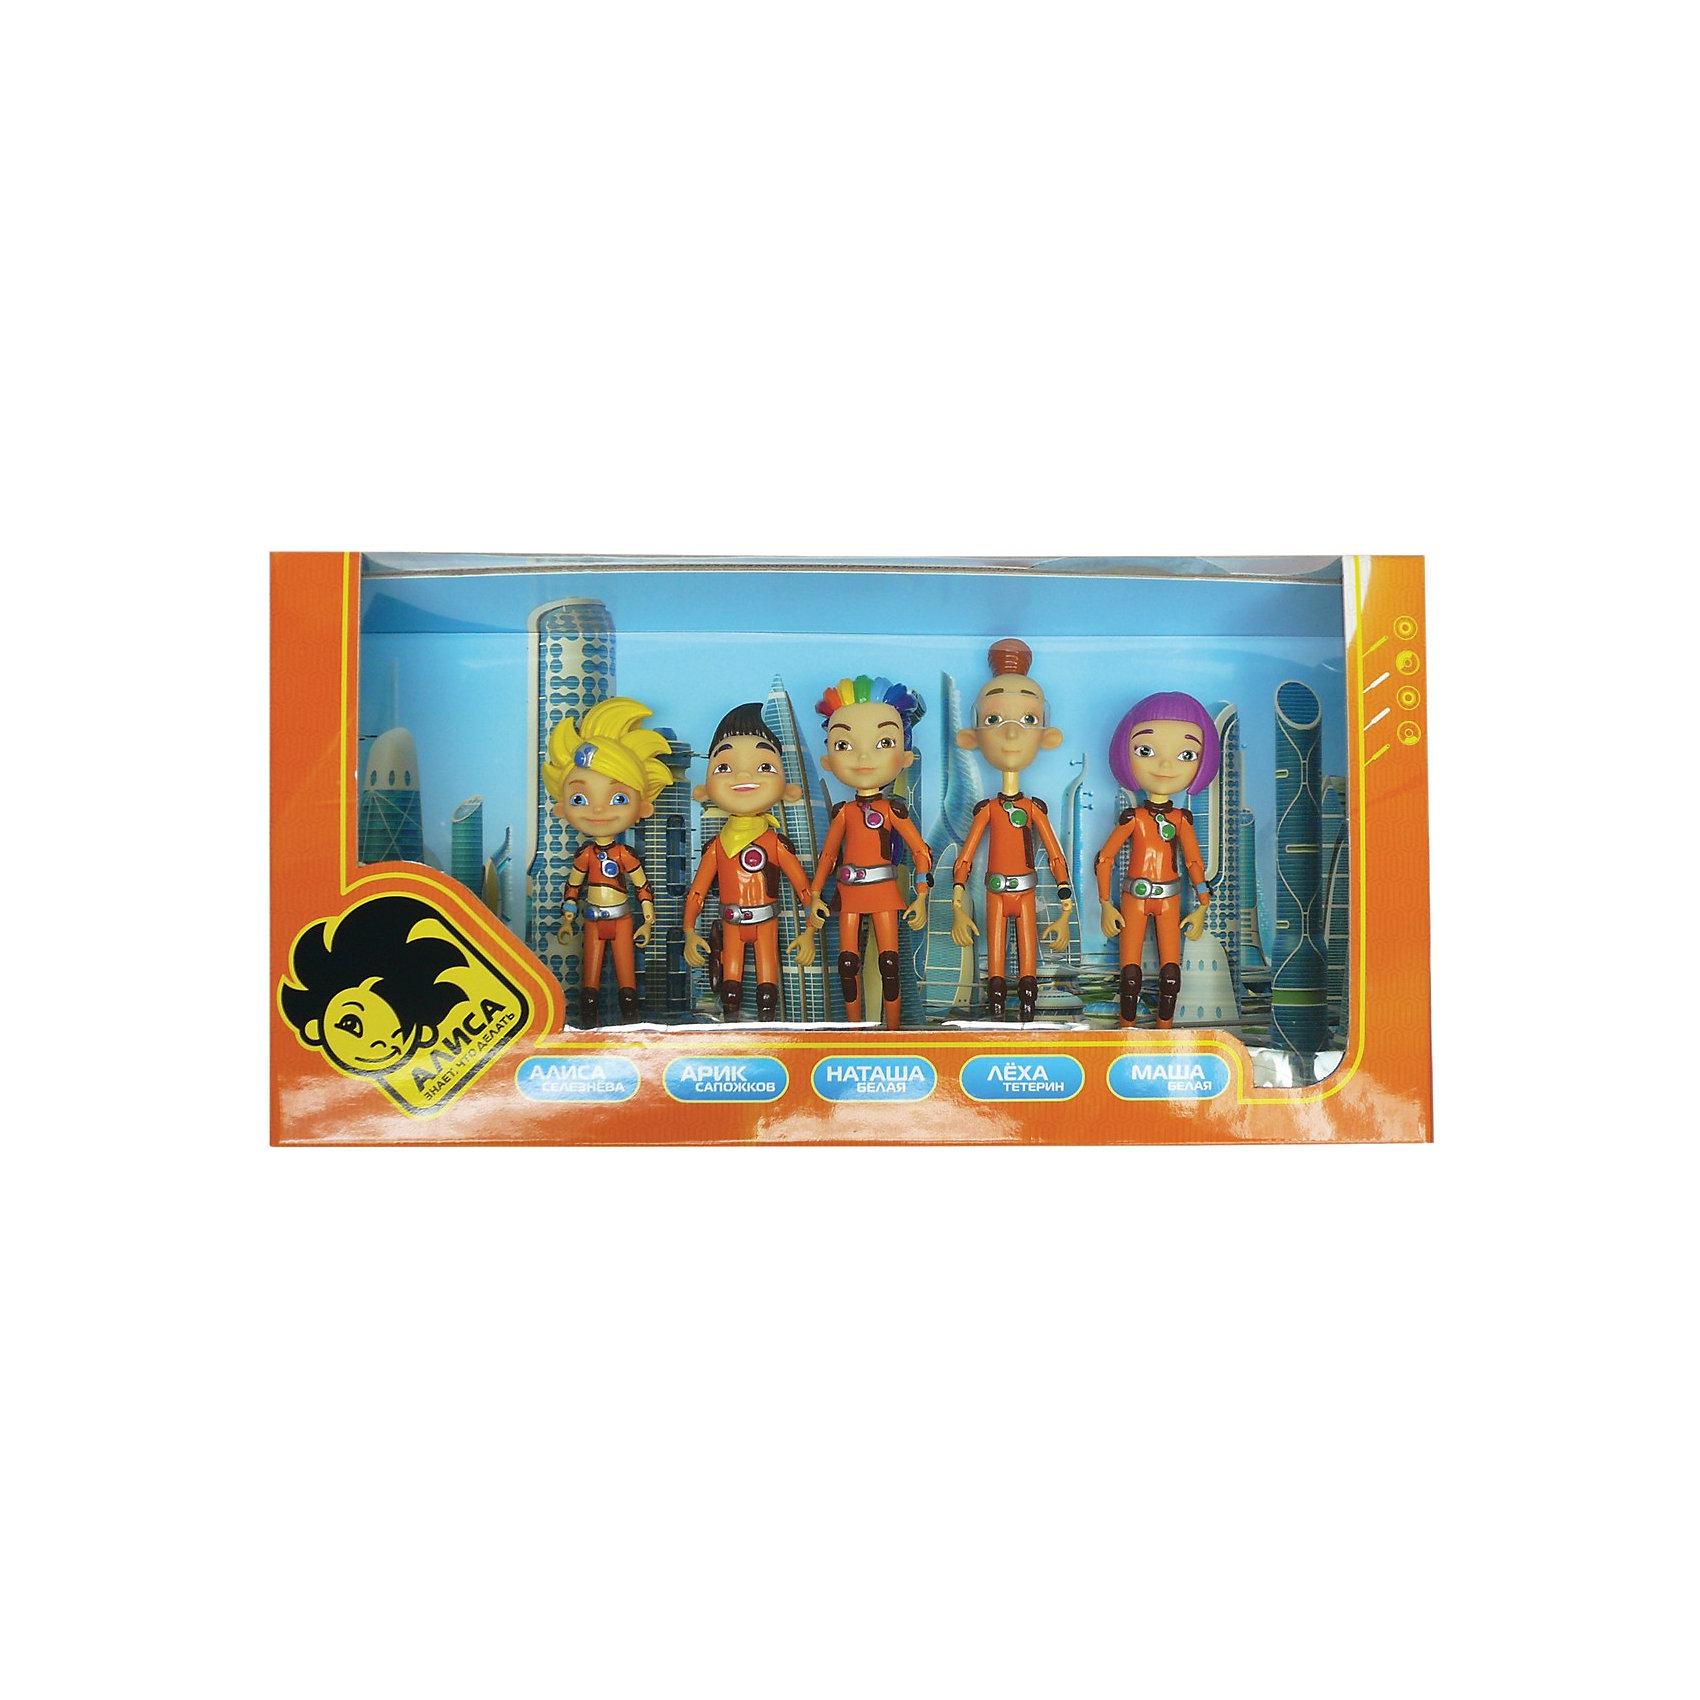 - Набор из 5 фигурок (Алиса, Арик, Лёха, Наташа, Маша), 18 см, Алиса знает, что делать 1toy игровой набор с лехой тетериным каптой и балунами алиса знает что делать